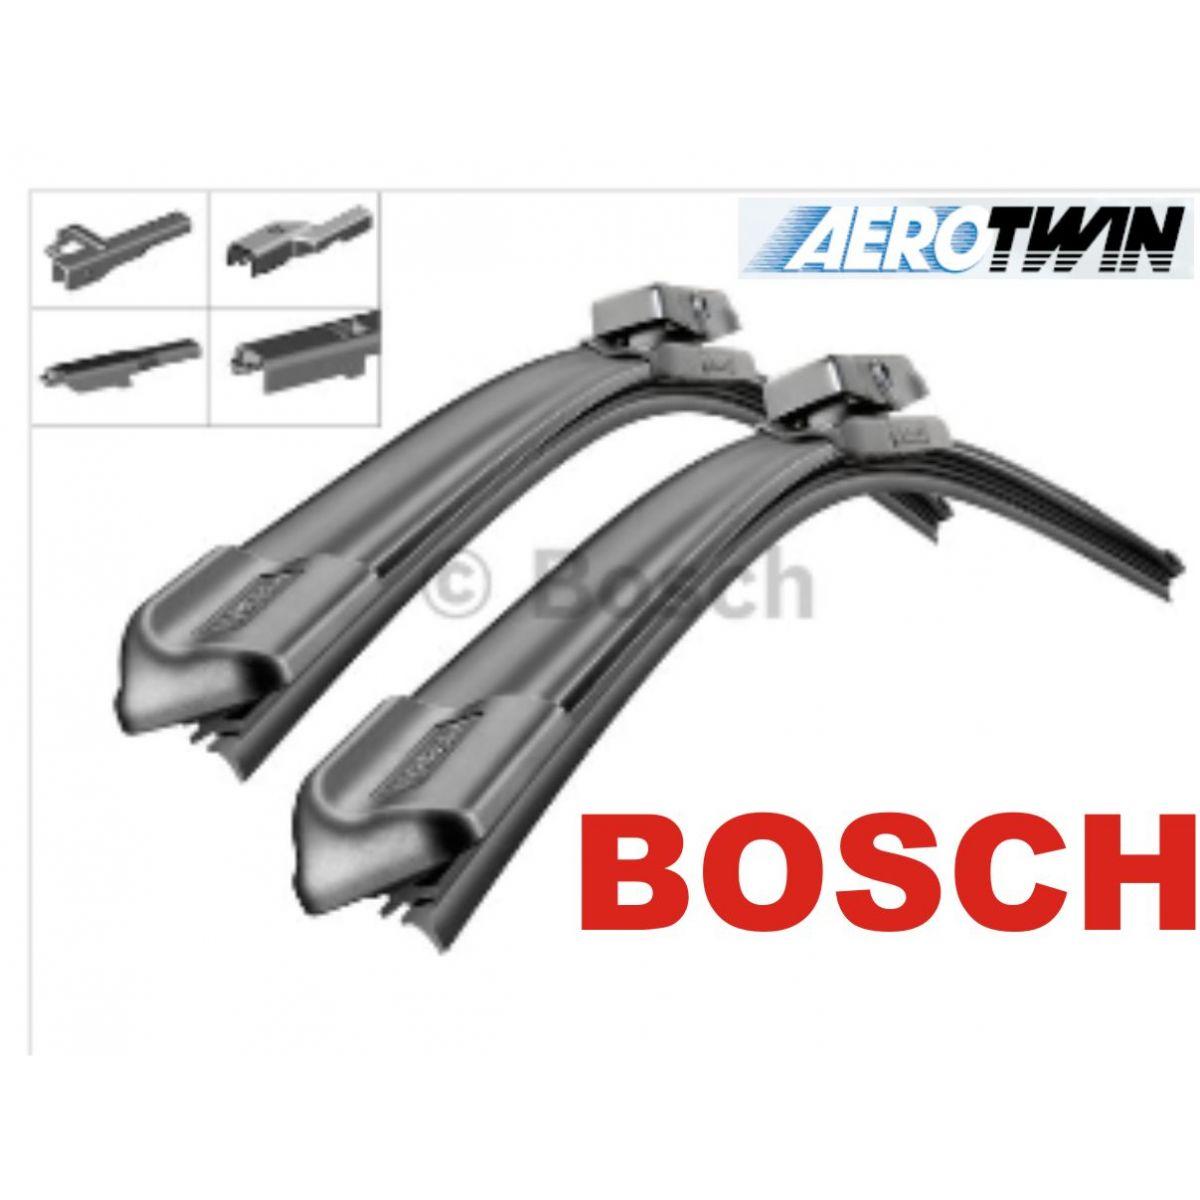 Palheta Bosch Aerotwin Plus Limpador de para brisa Bosch AUDI A3 SPORTBACK ano 2012 em diante